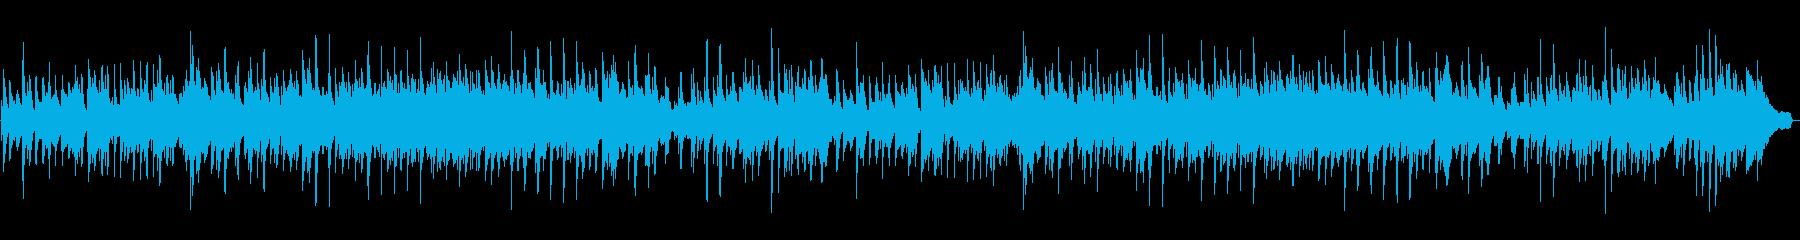 ほのぼのした穏やかなピアノソロの再生済みの波形